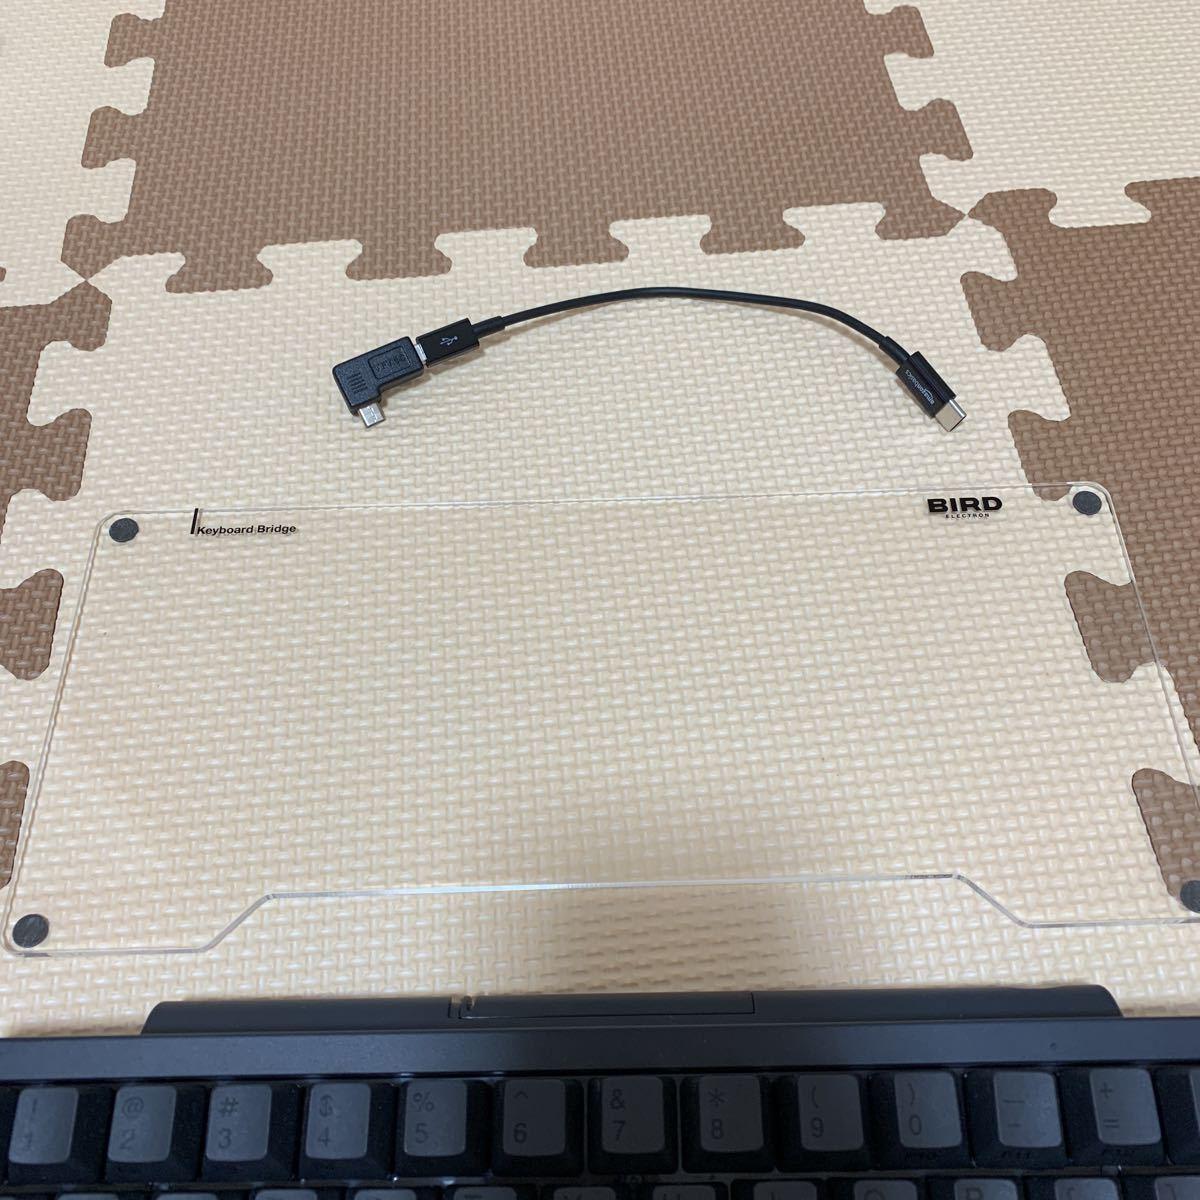 【中古美品】HHKB Professional BT PD-KB600B 墨 英語配列モデル かな無刻印 USキーボード おまけキーボードブリッジ_画像4